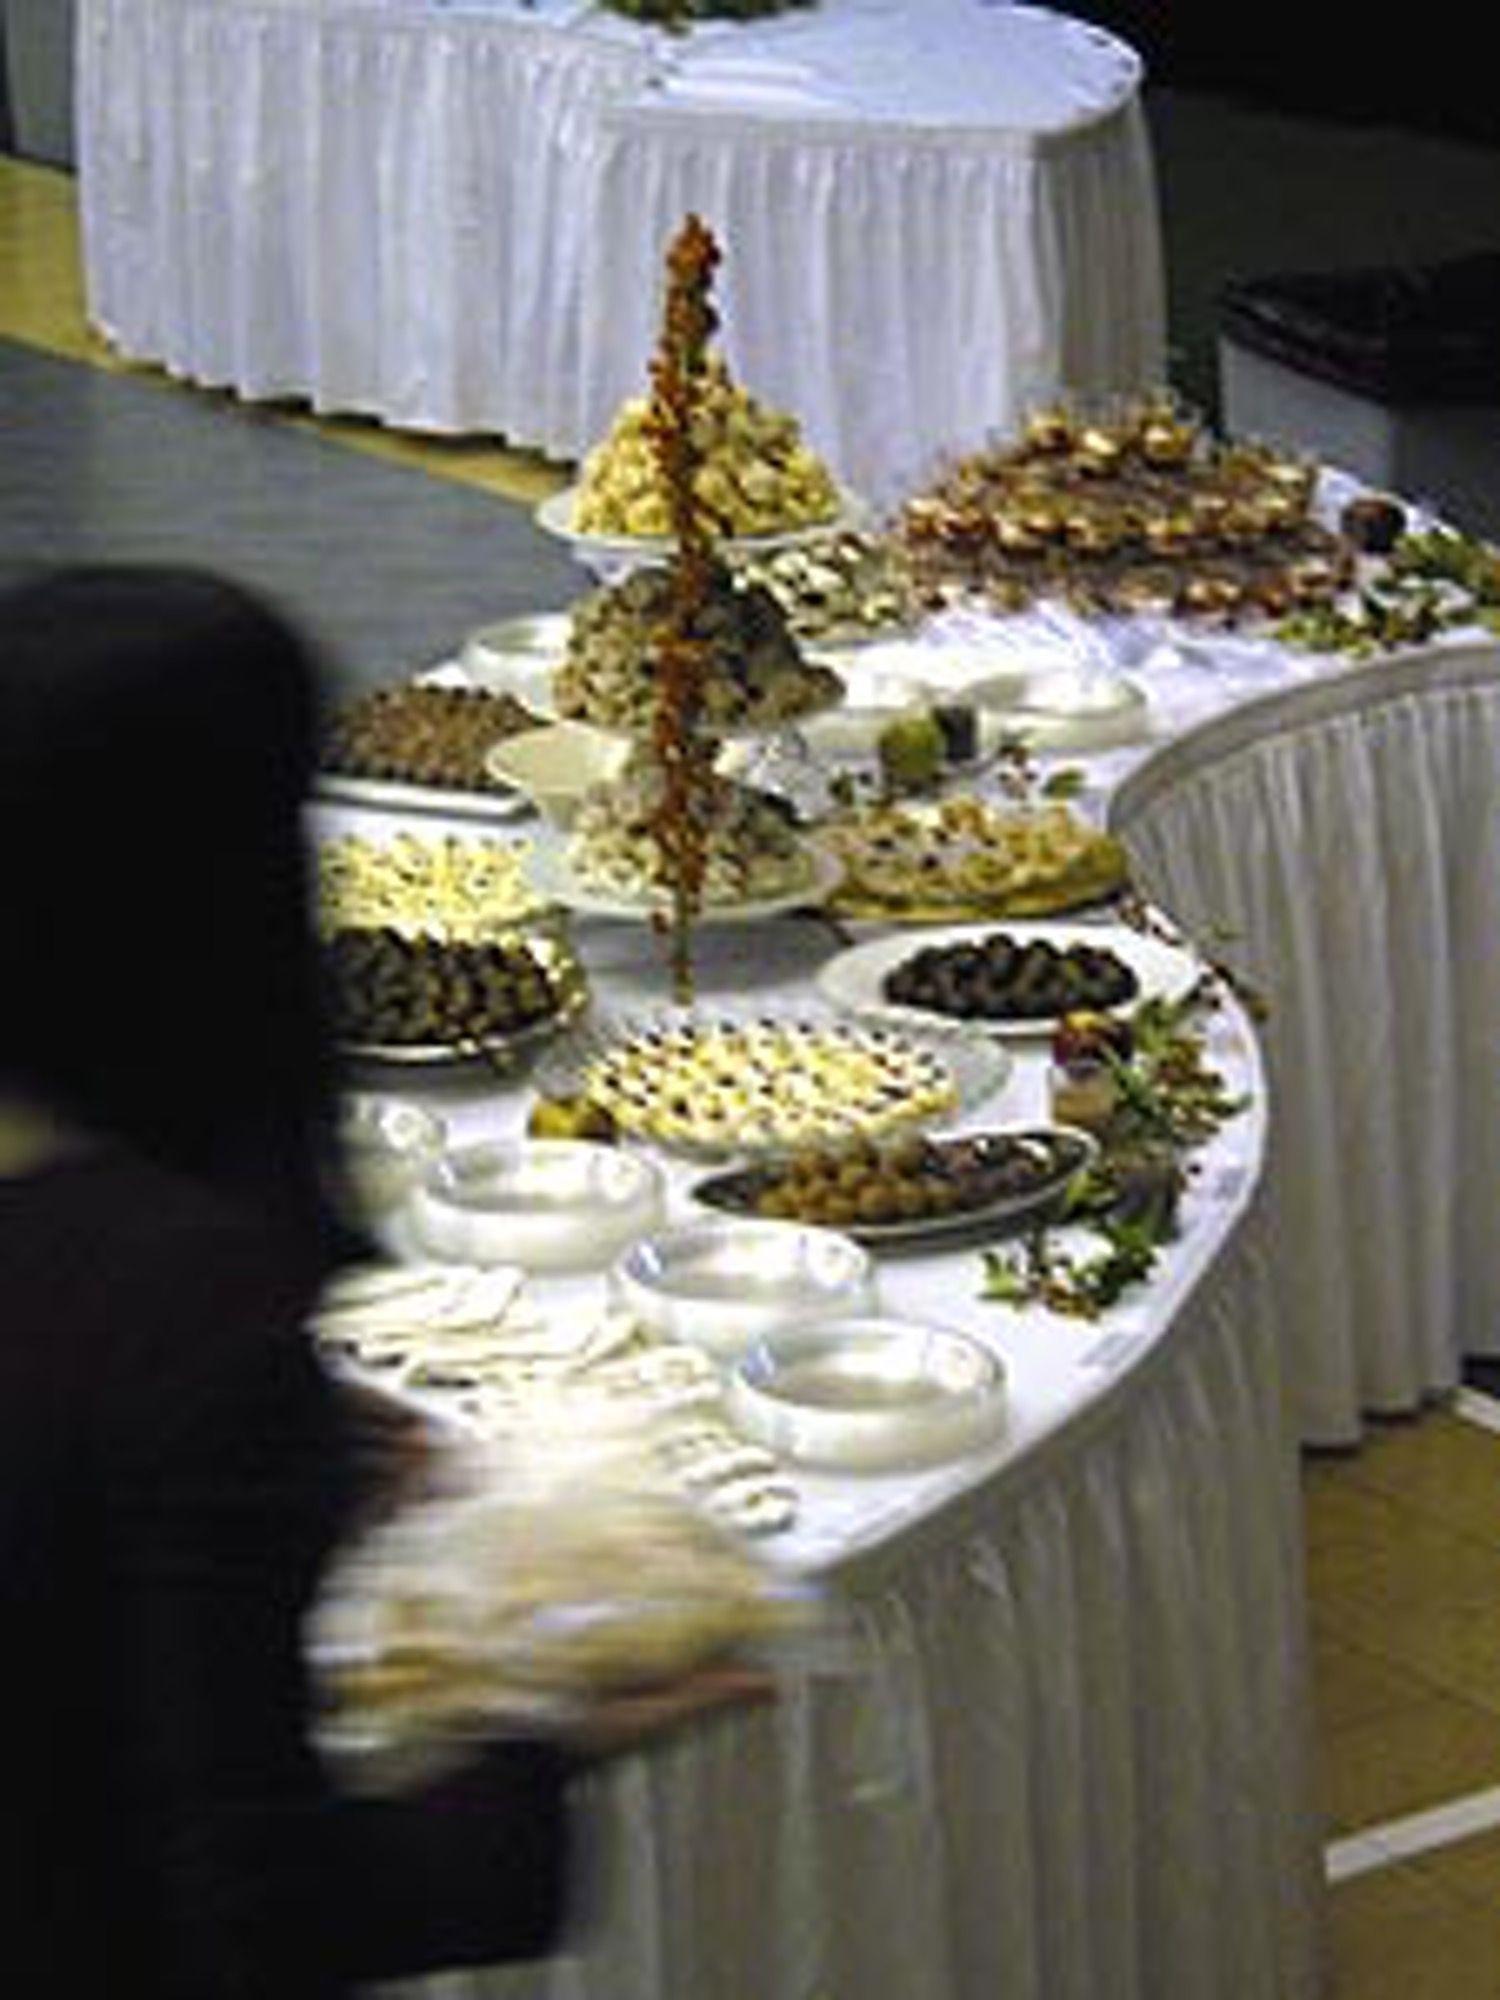 How to arrange a buffet table pinterest buffet how to arrange a buffet table watchthetrailerfo